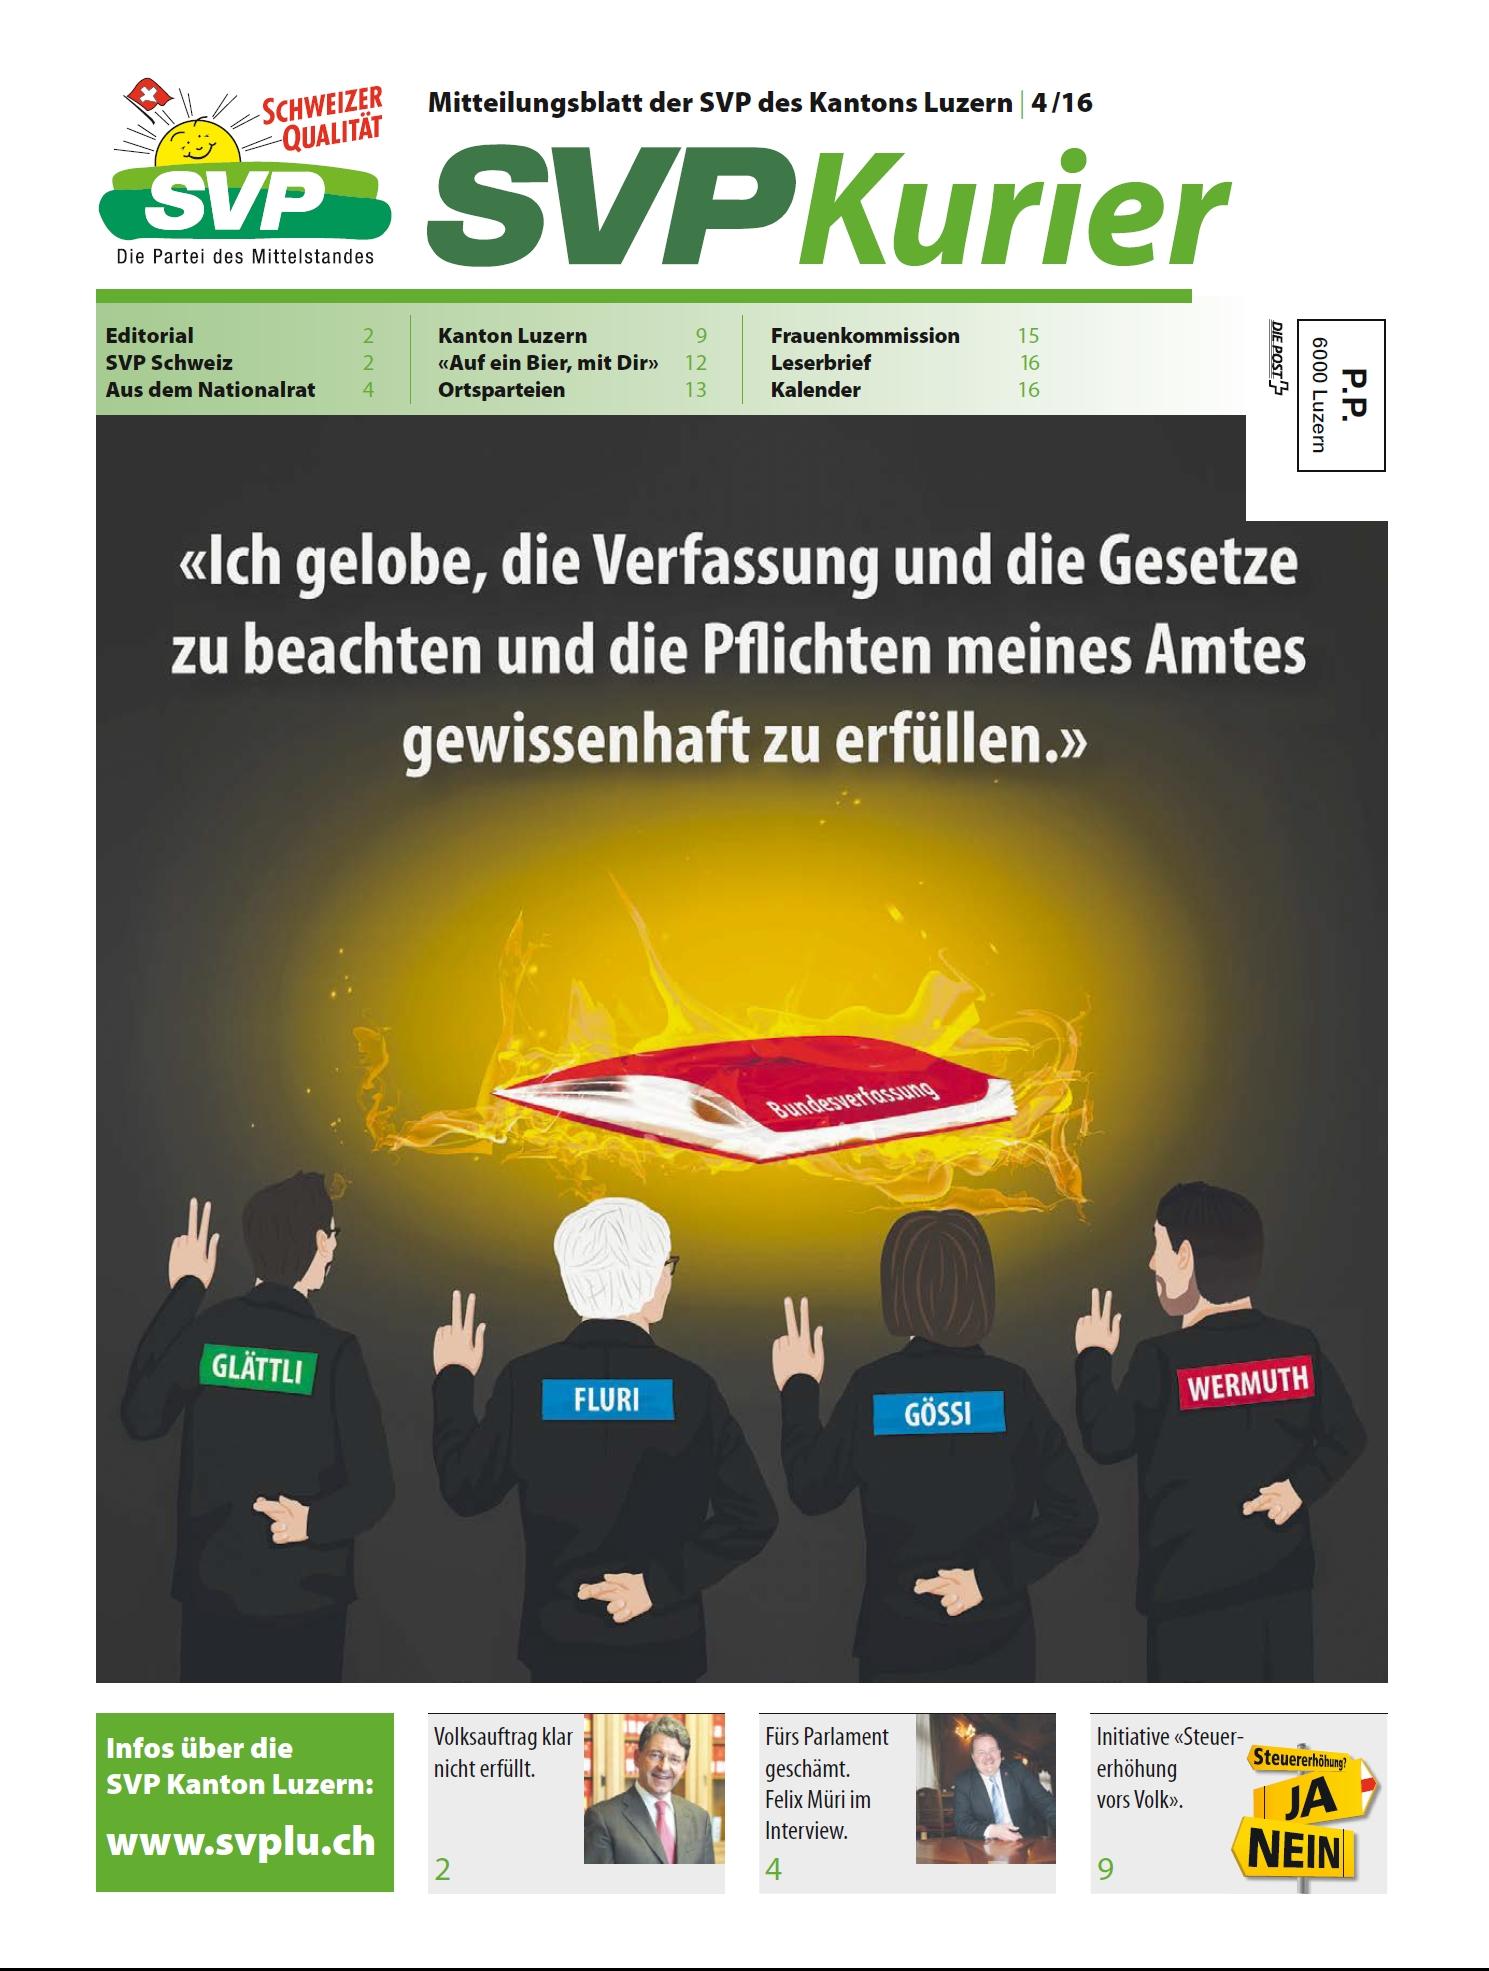 Deckblatt Kurier 4 16